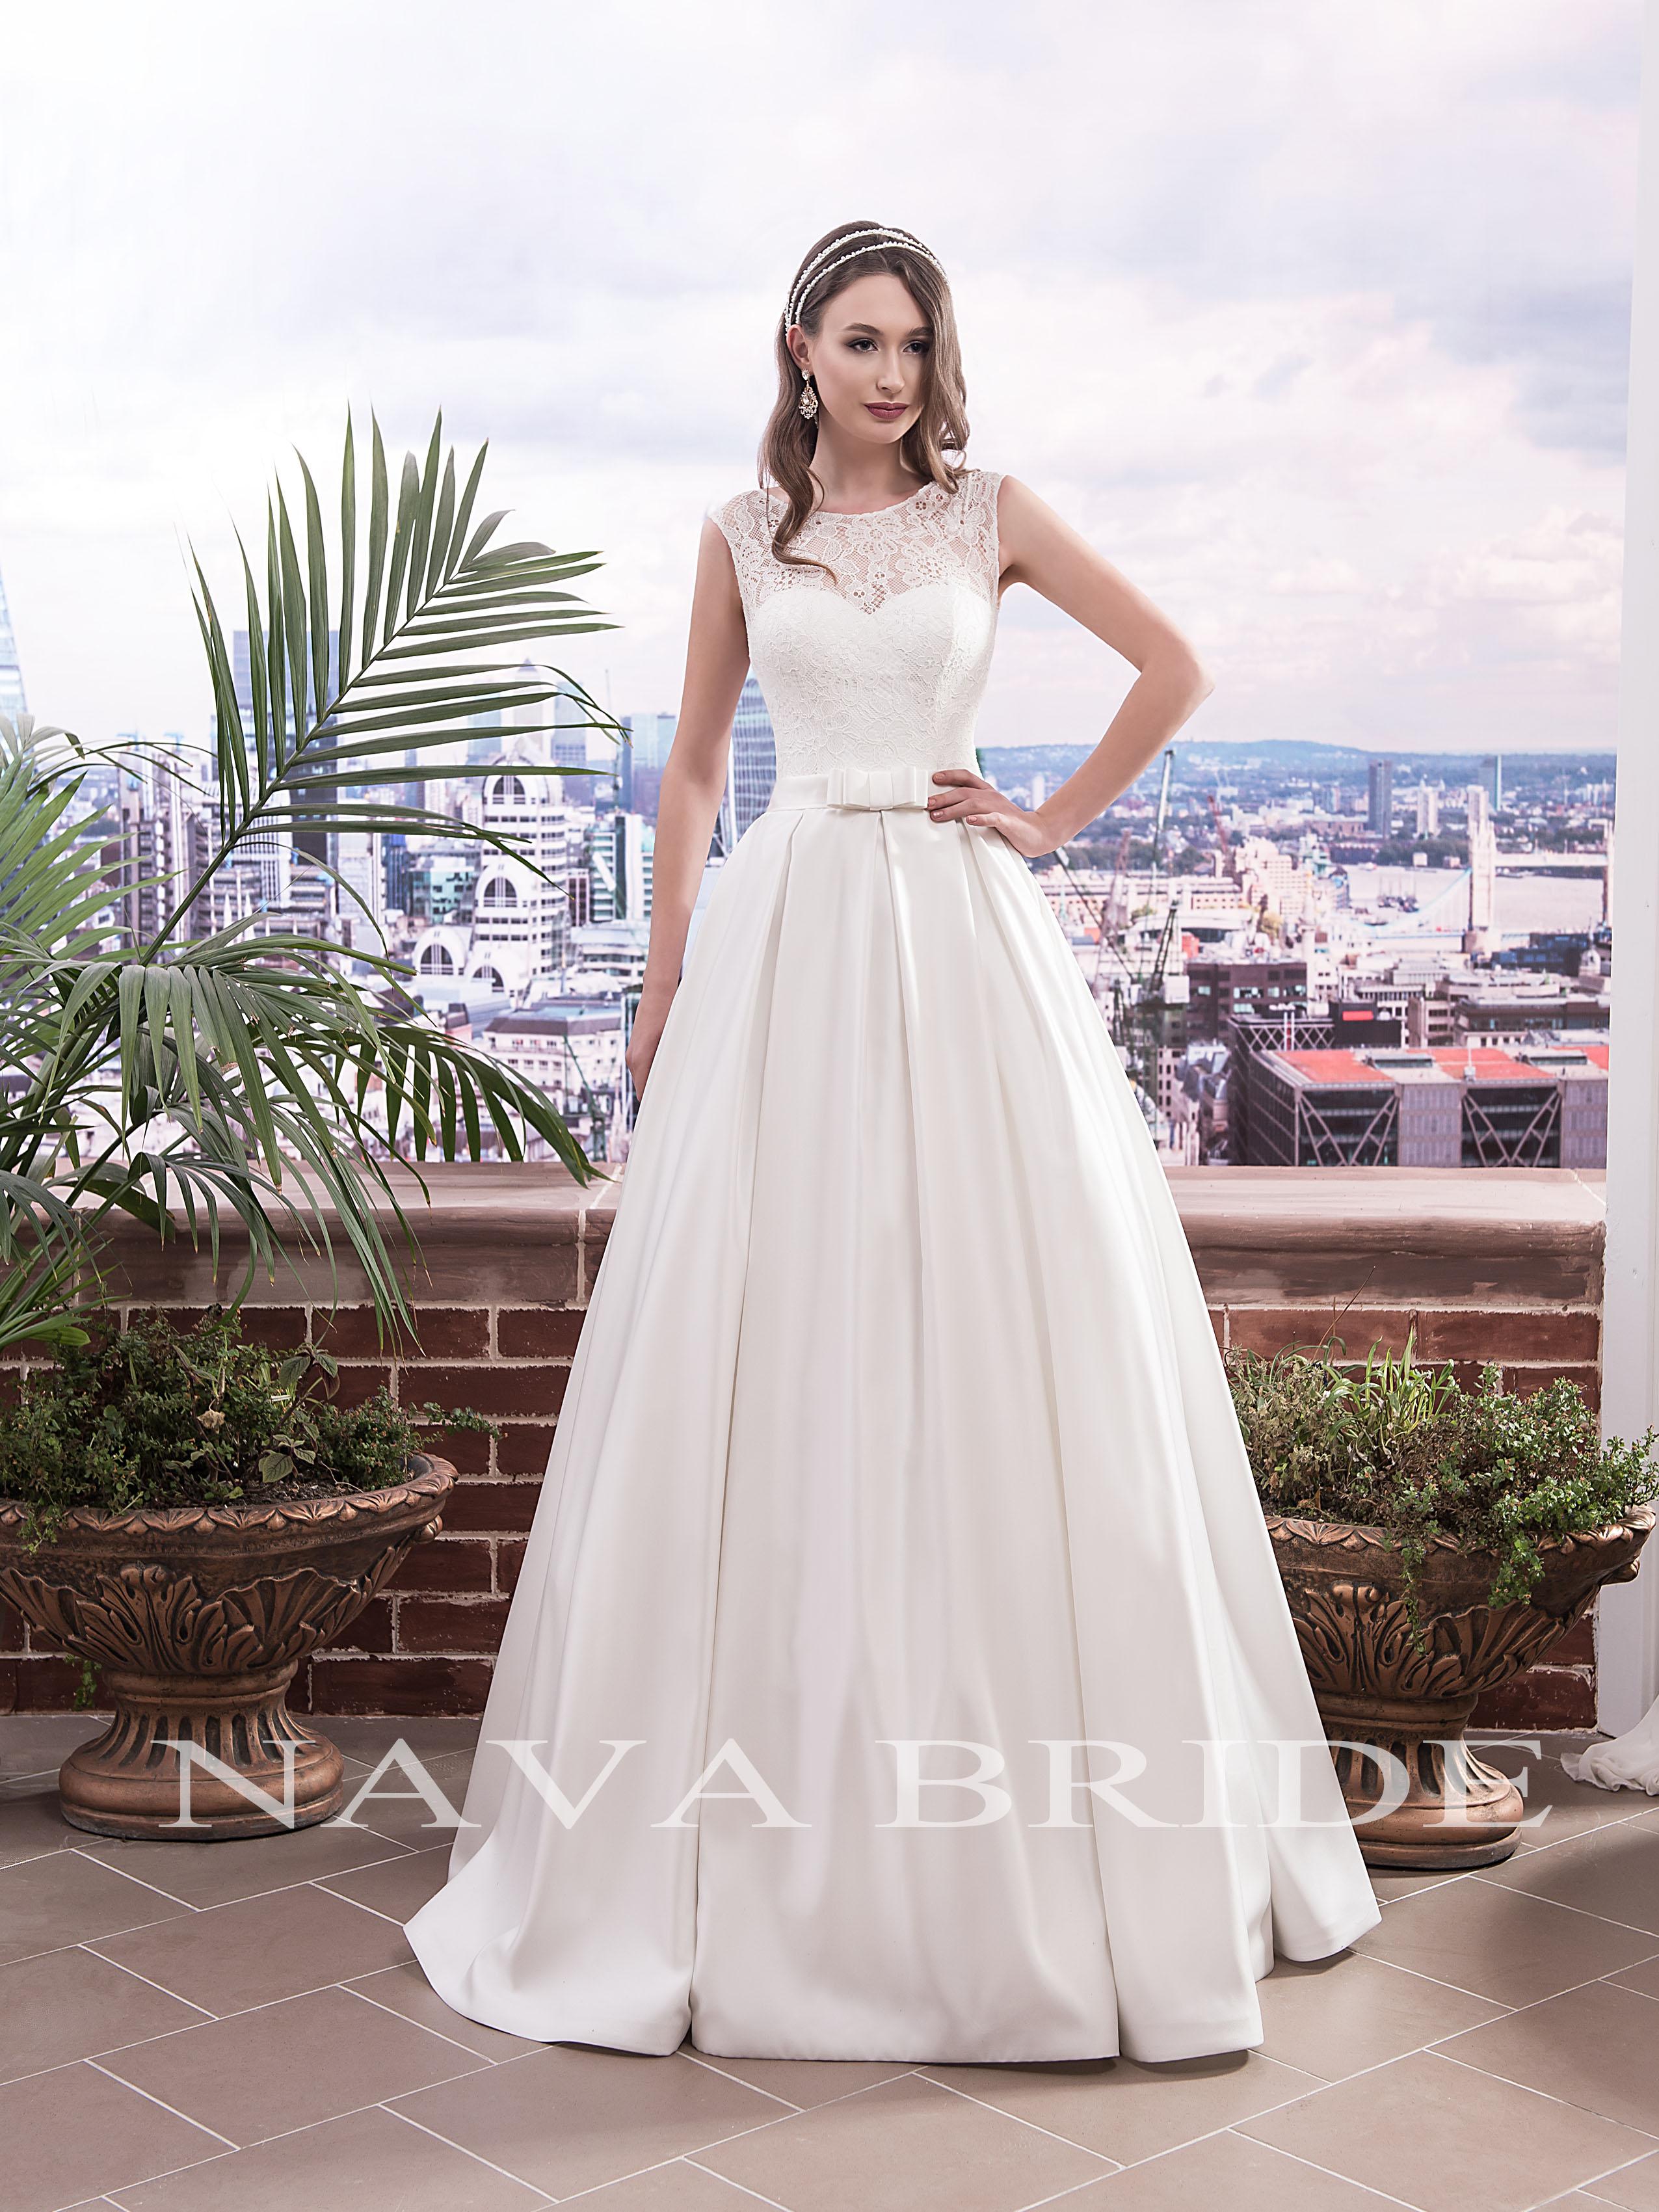 1dcce2ea295 Свадебное платье Lucrezia - купить свадебные платья в Санкт-Петербурге